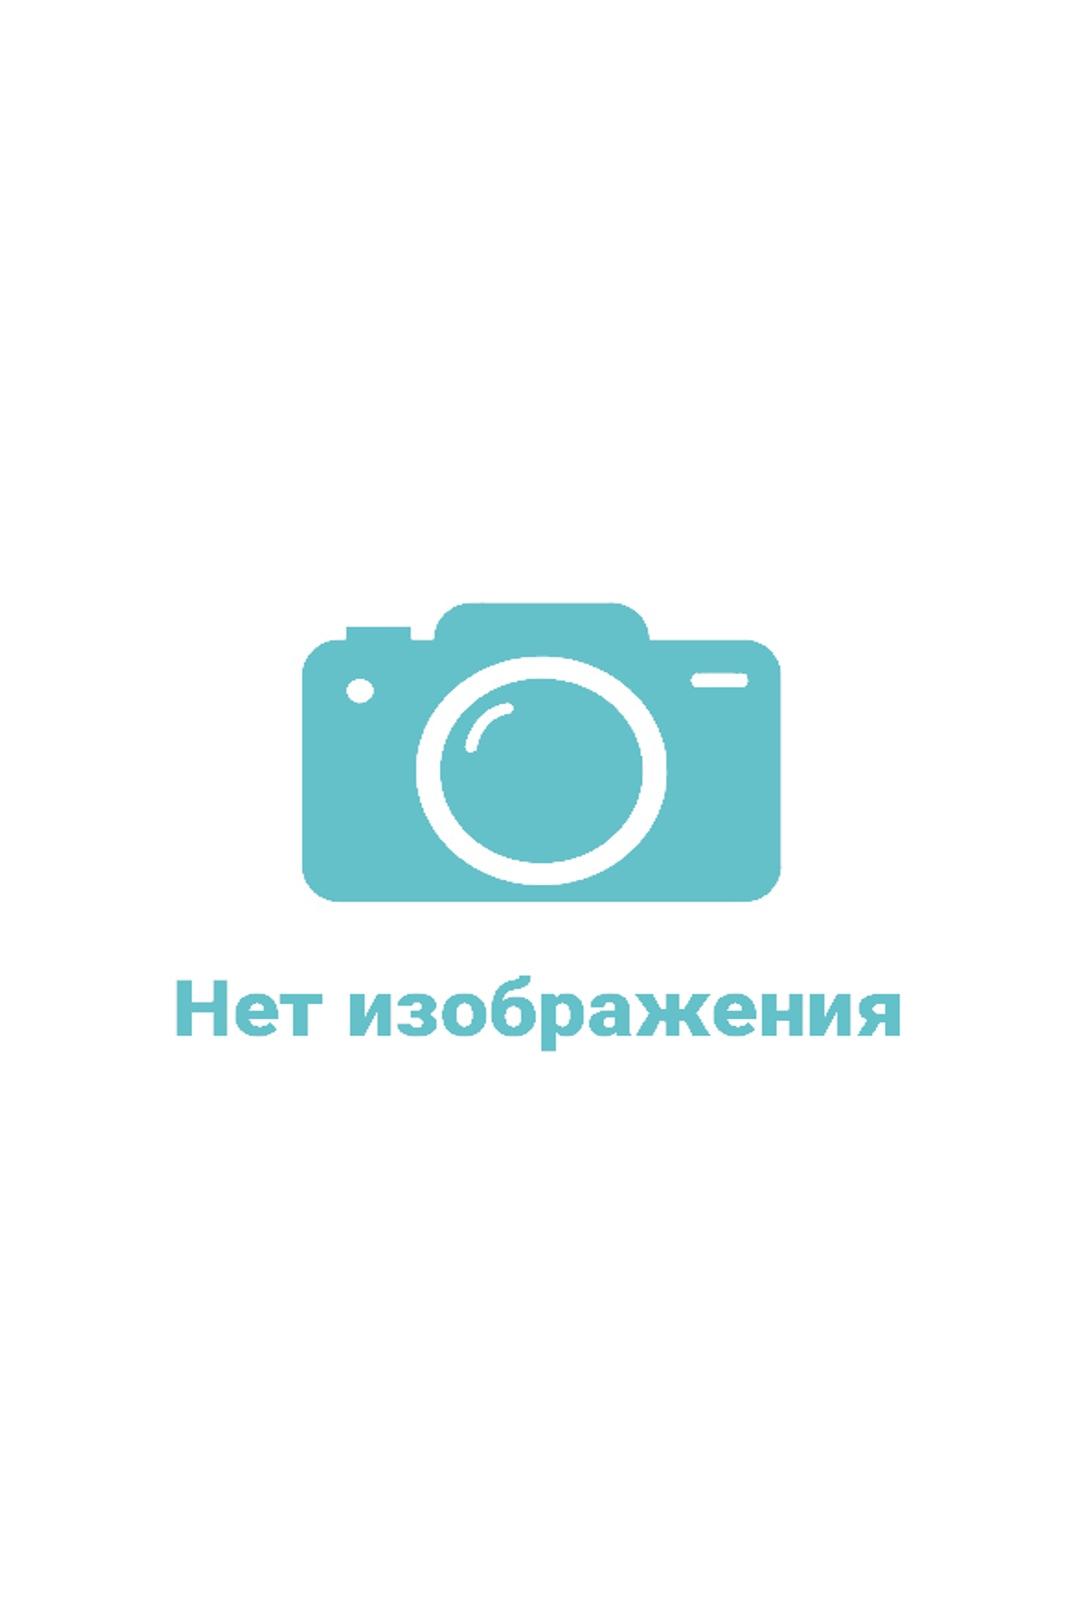 Травматолог-ортопед Курпяков Антон Павлович